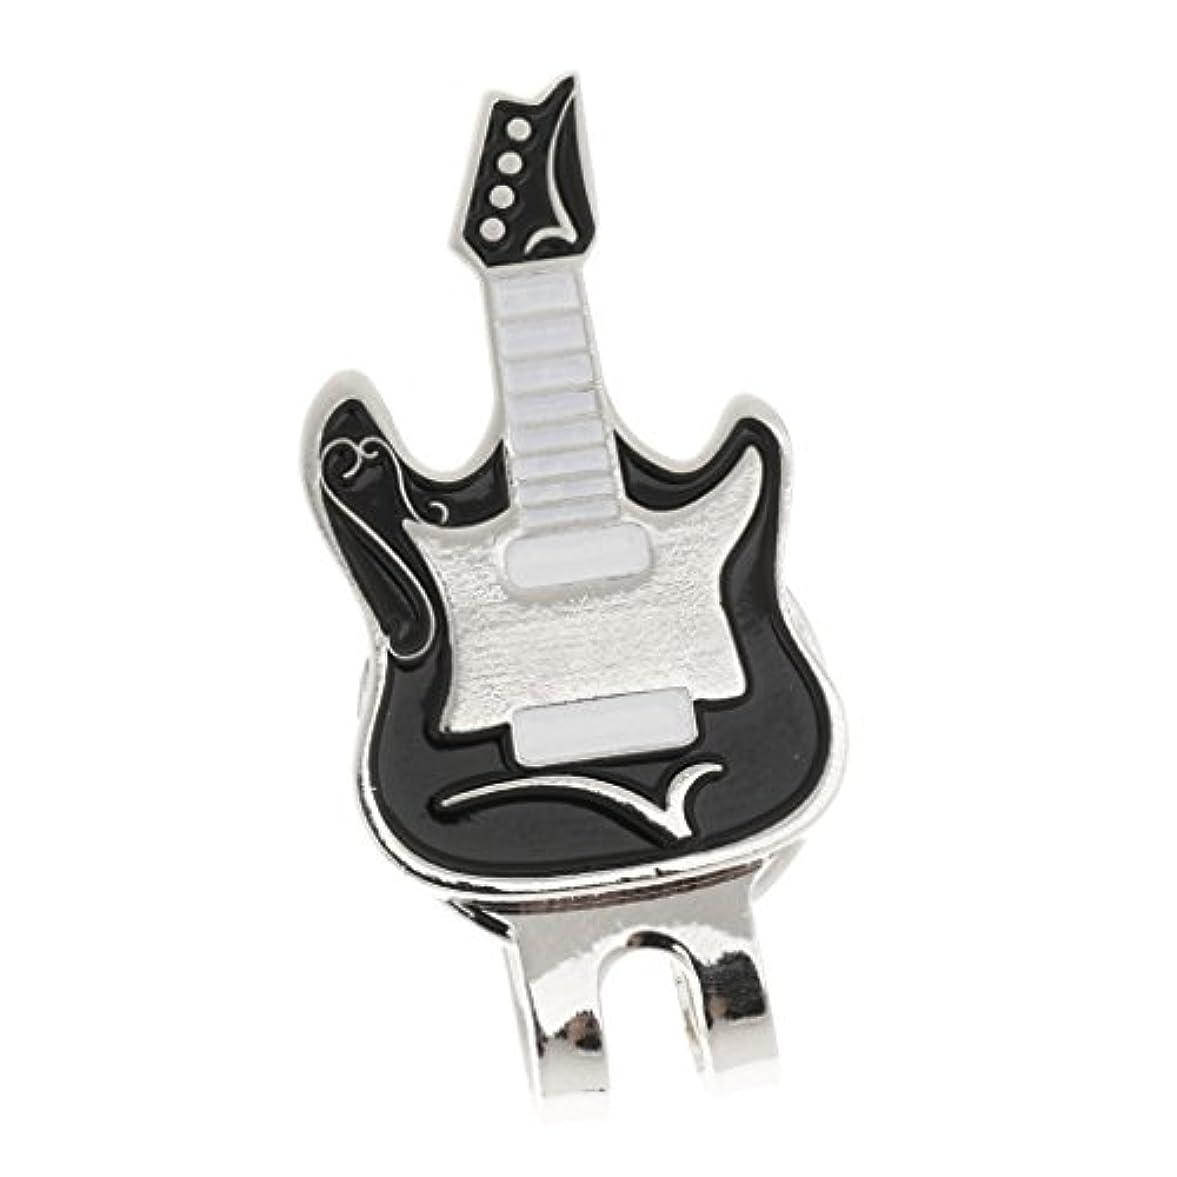 華氏少年続けるギター型 ハットクリップ付 ゴルフ ボールマーカー 磁気 ゴルフキャップ ギフト